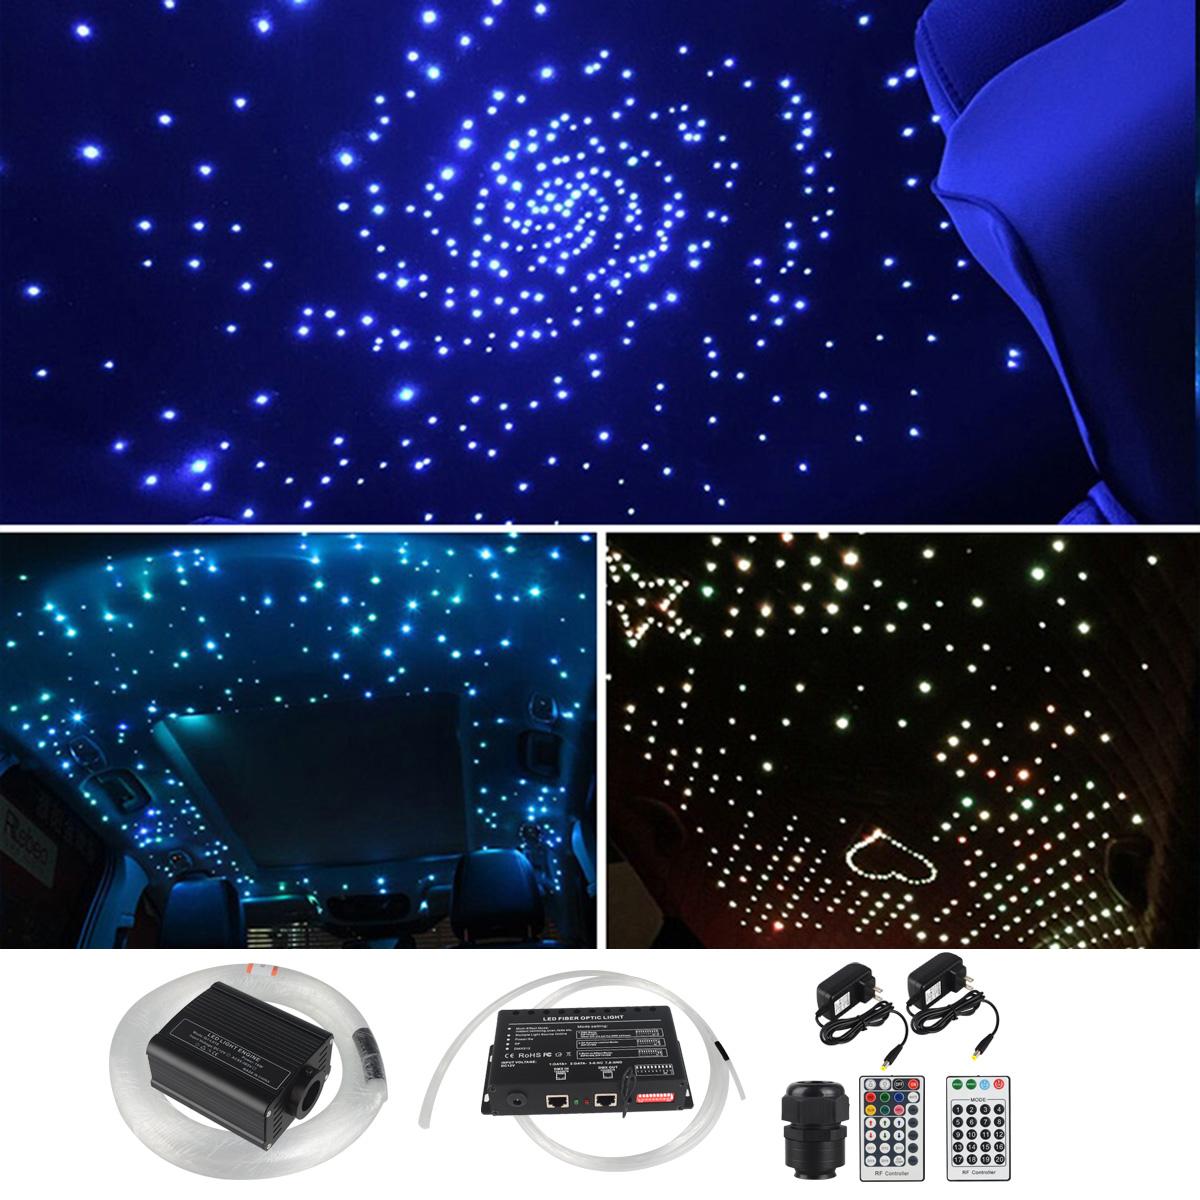 Led Fiber Optic Star Ceiling Light Kit